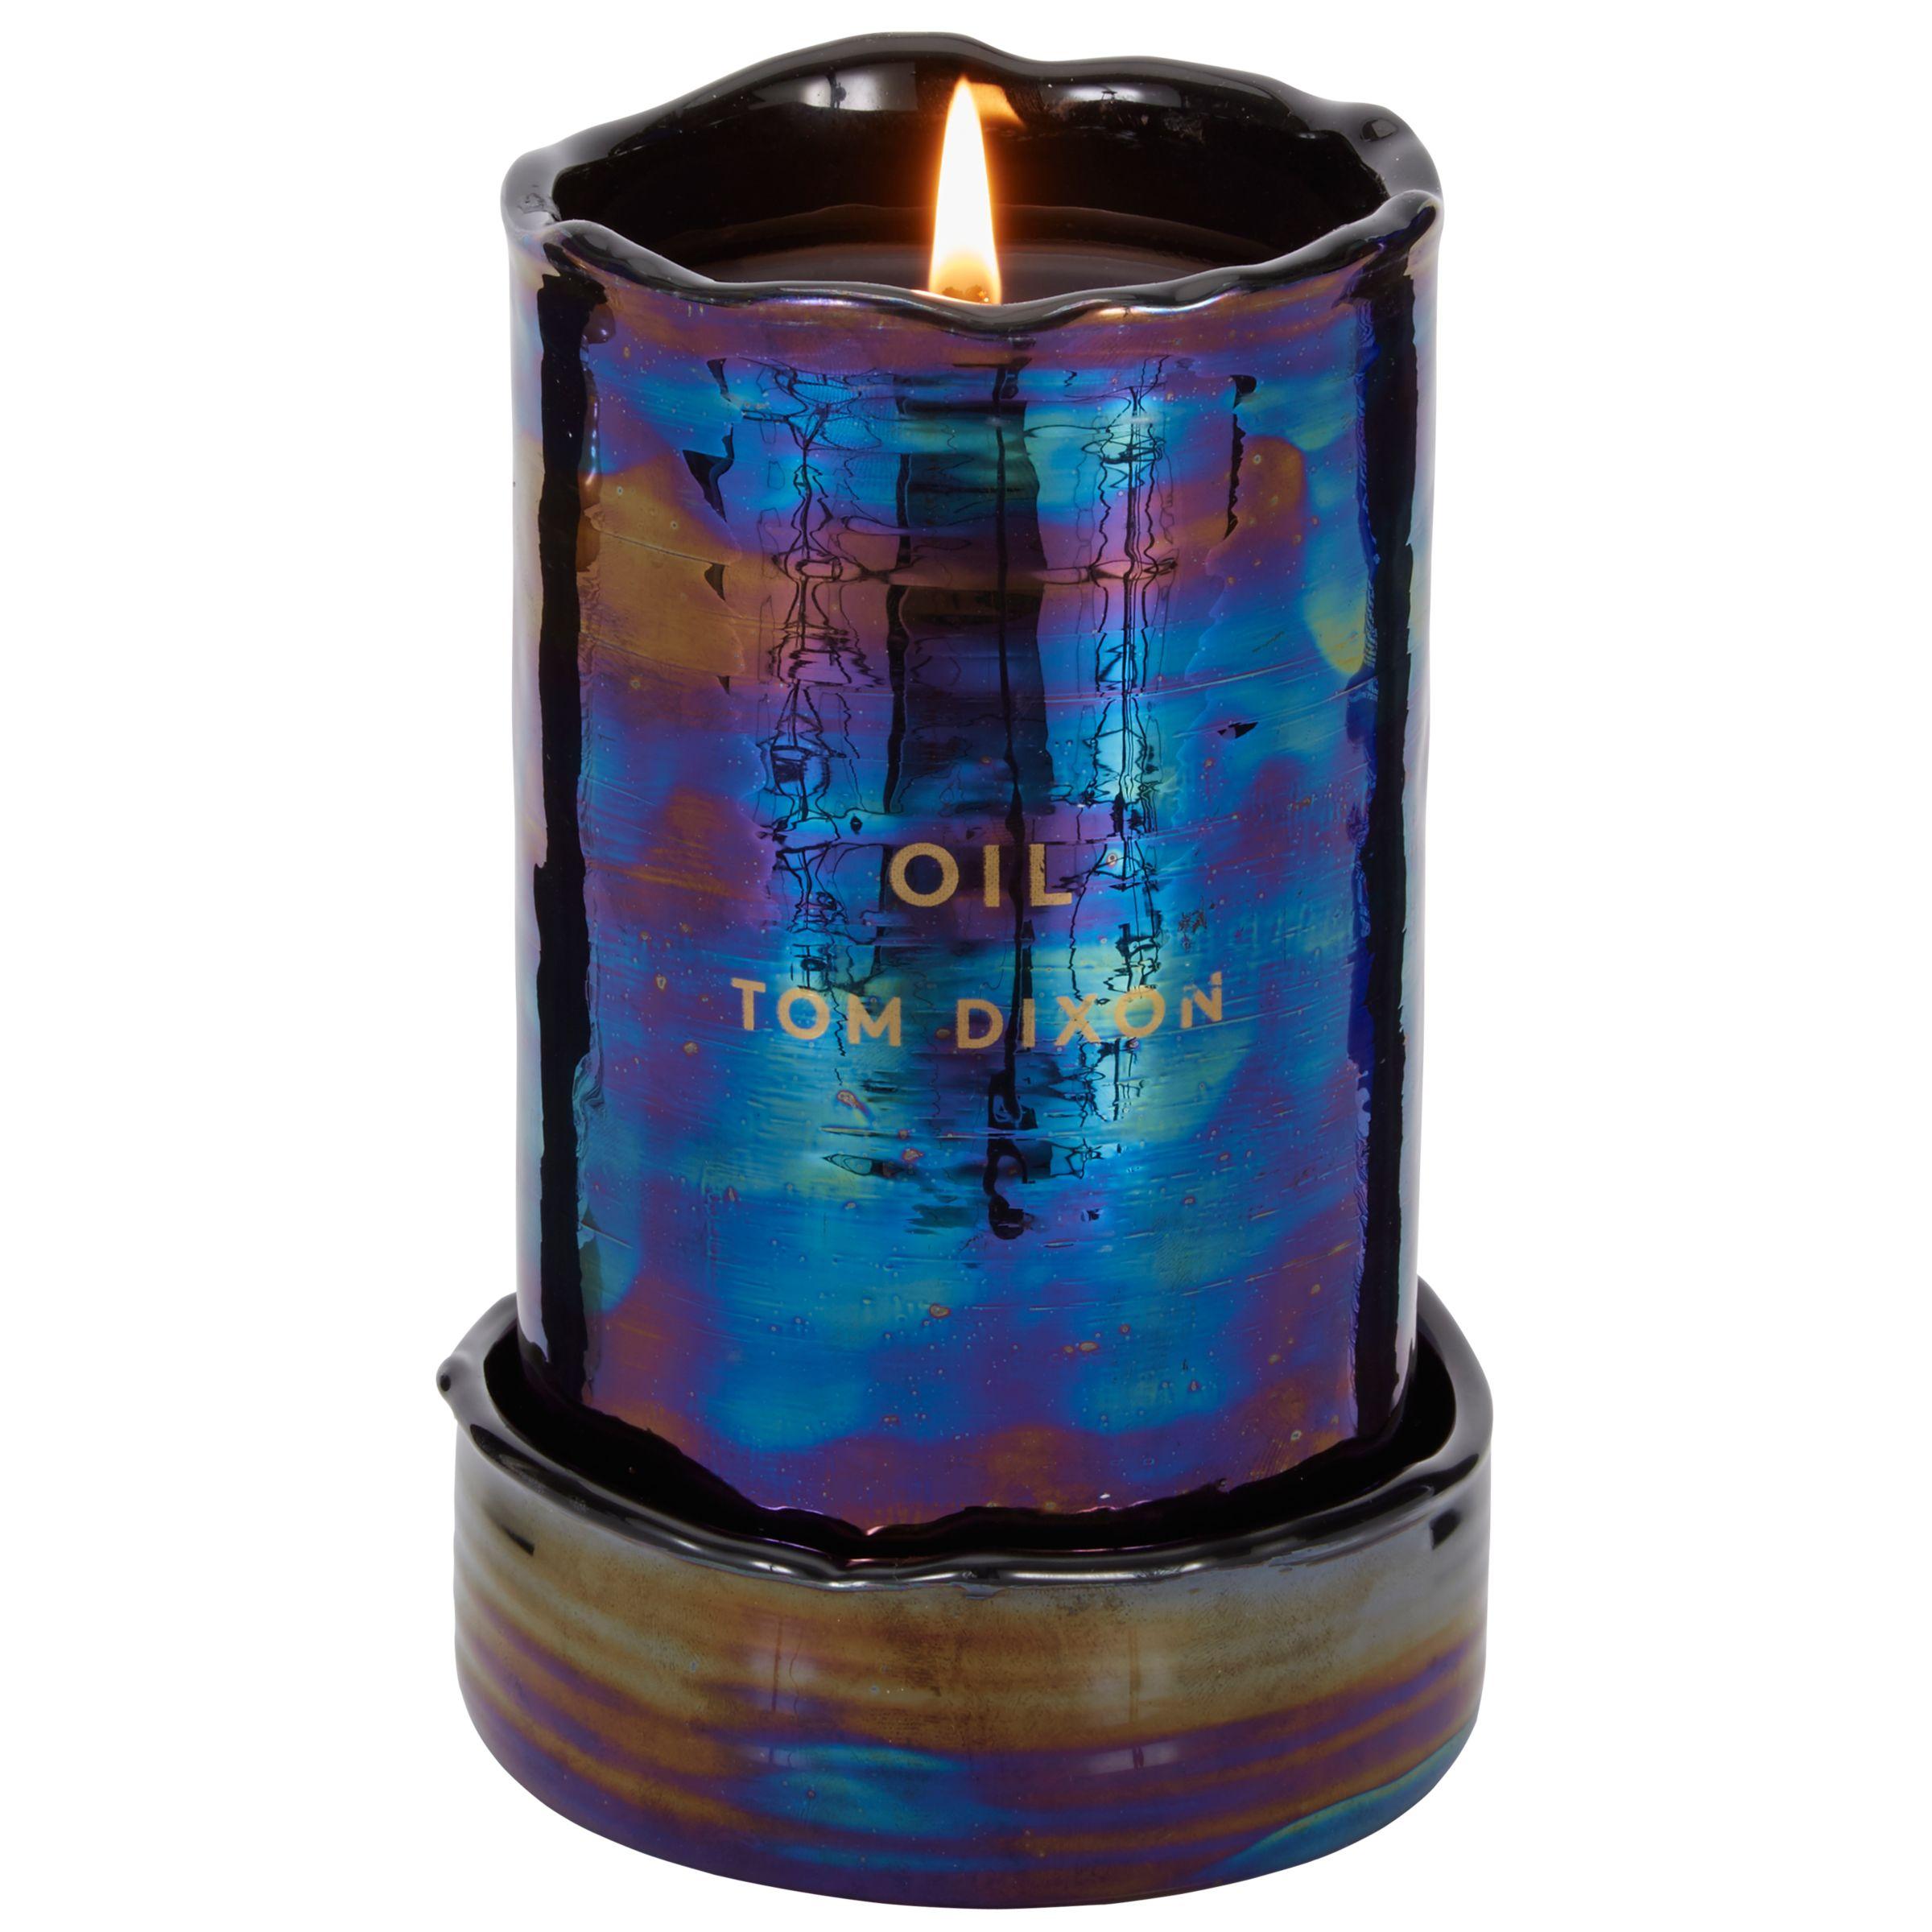 Tom Dixon Tom Dixon Oil Scented Candle, Large